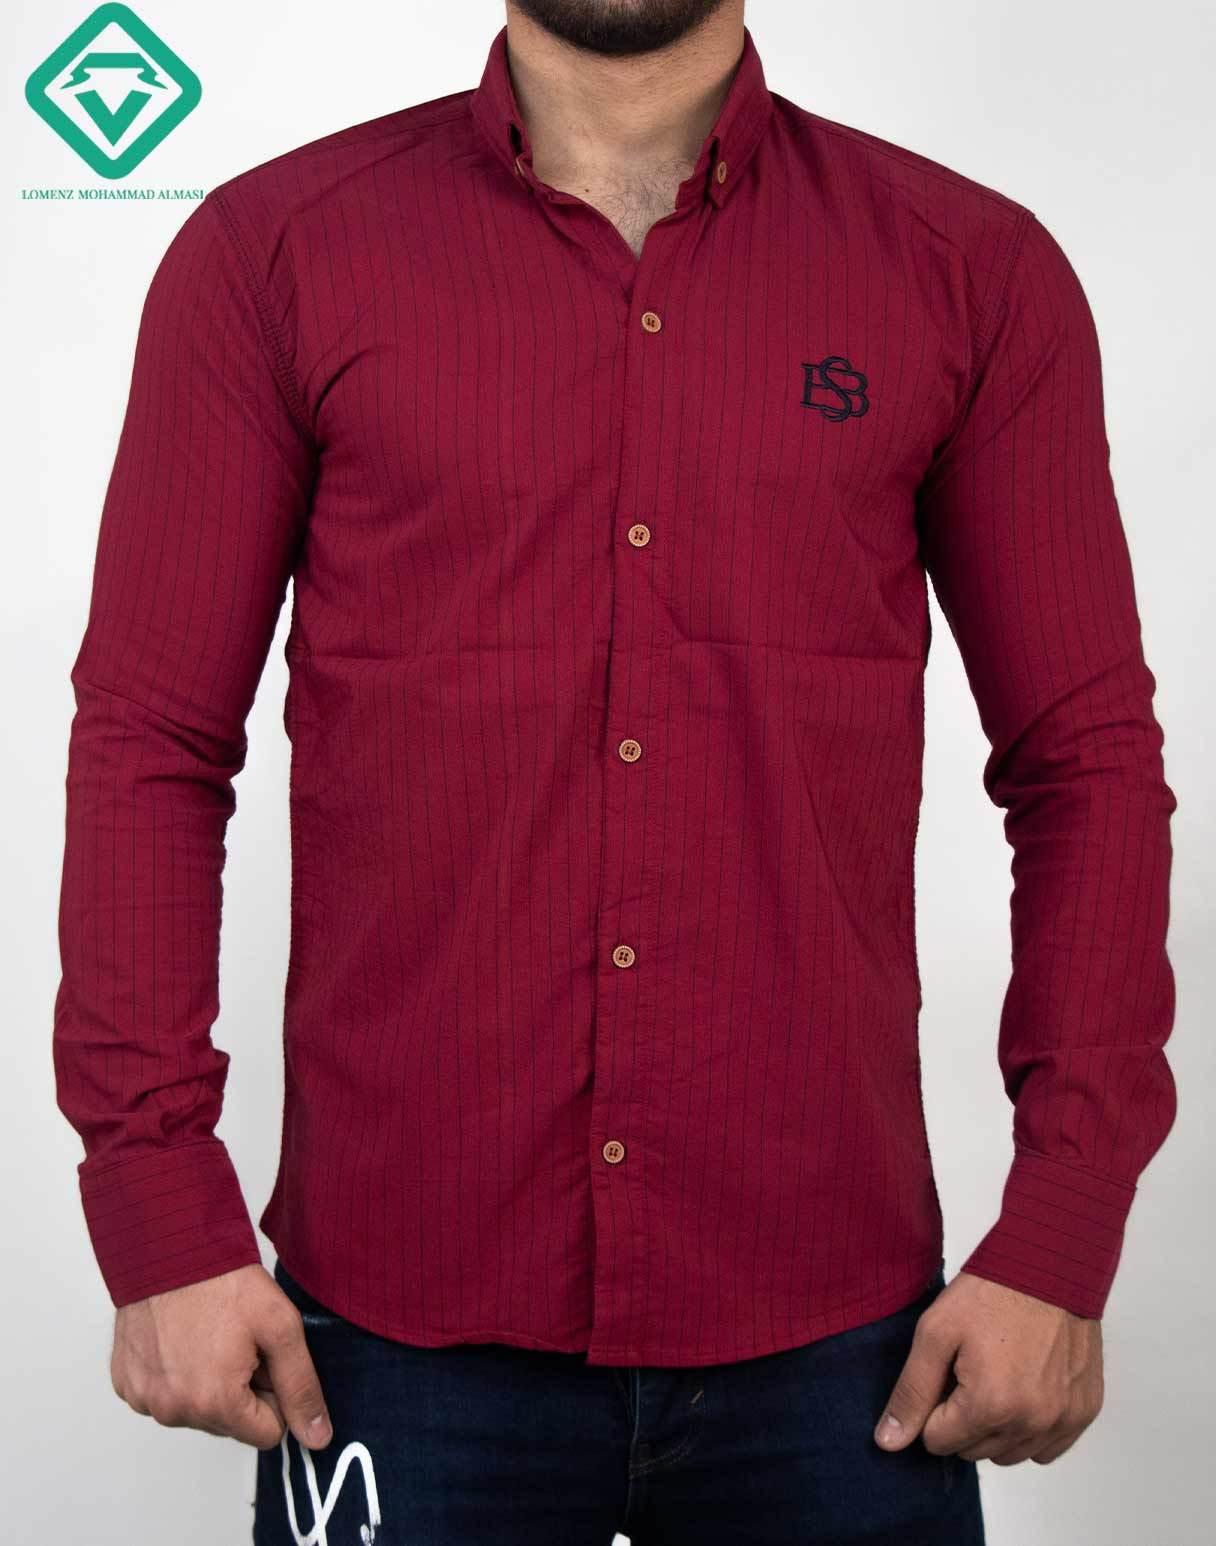 پیراهن آستین بلند اسپرت راه راه رنگ زرشکی | فروشگاه لومنز